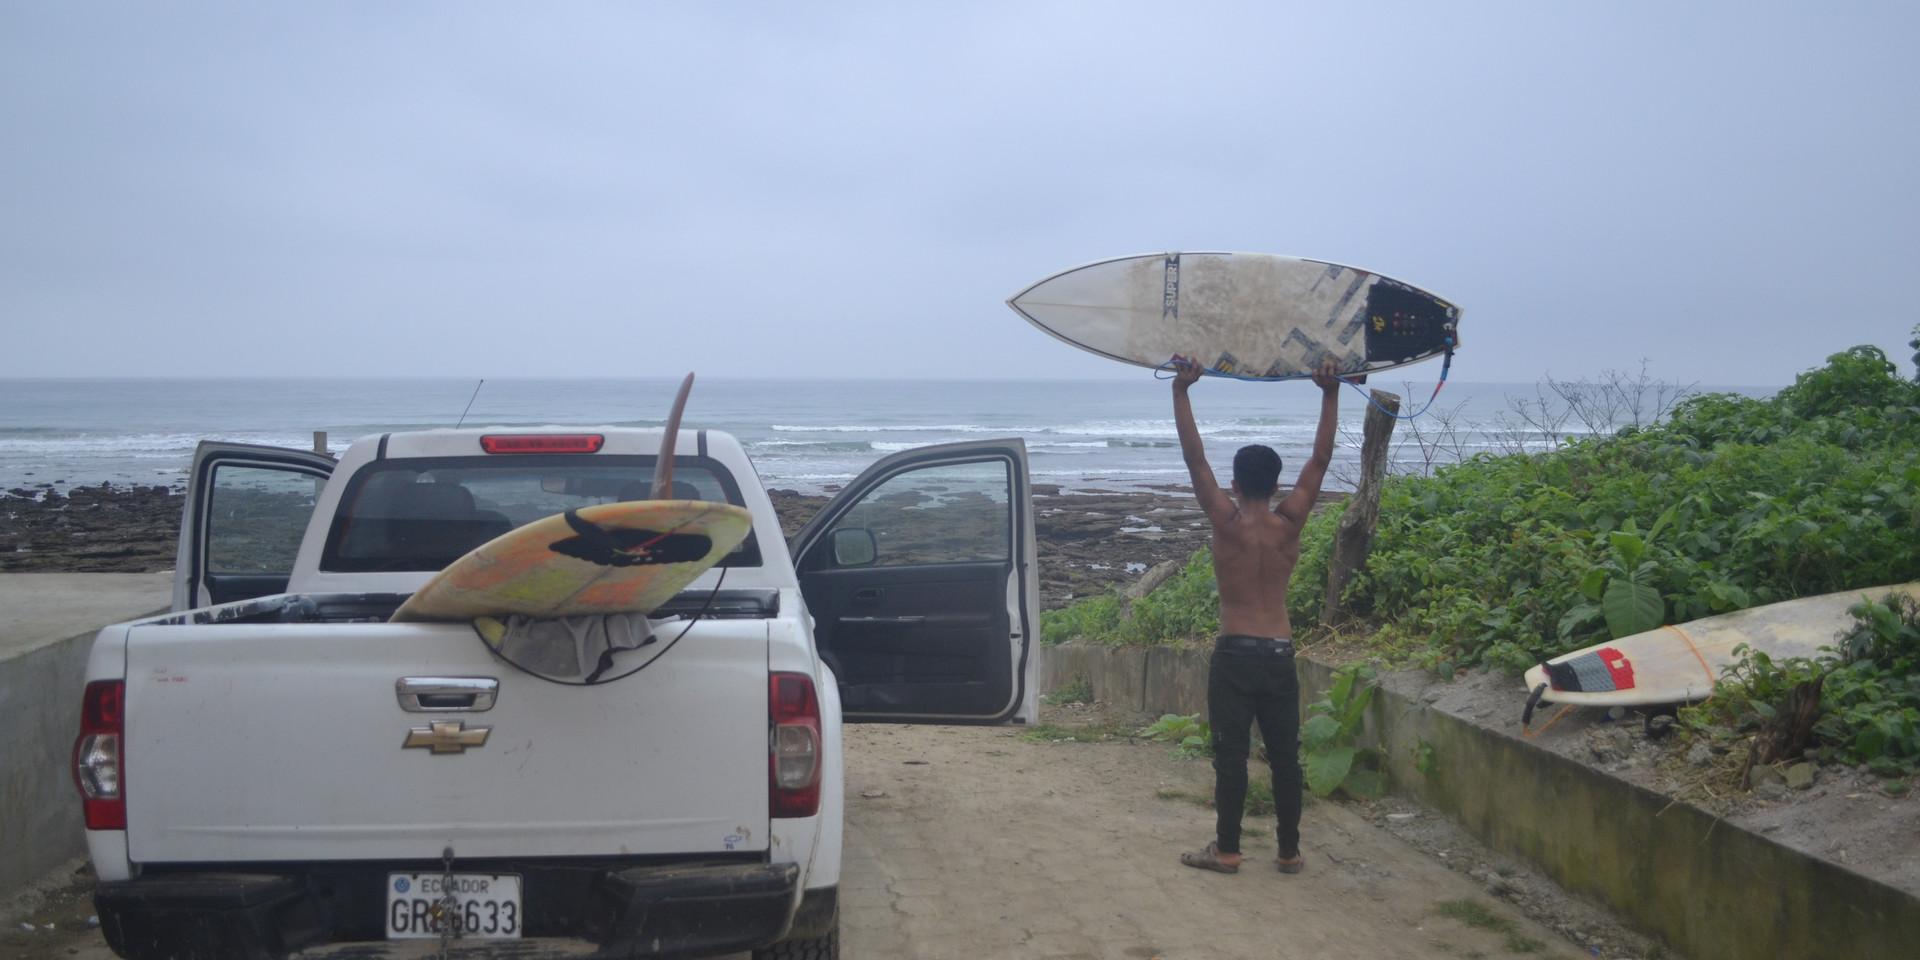 Take a trip up the coast